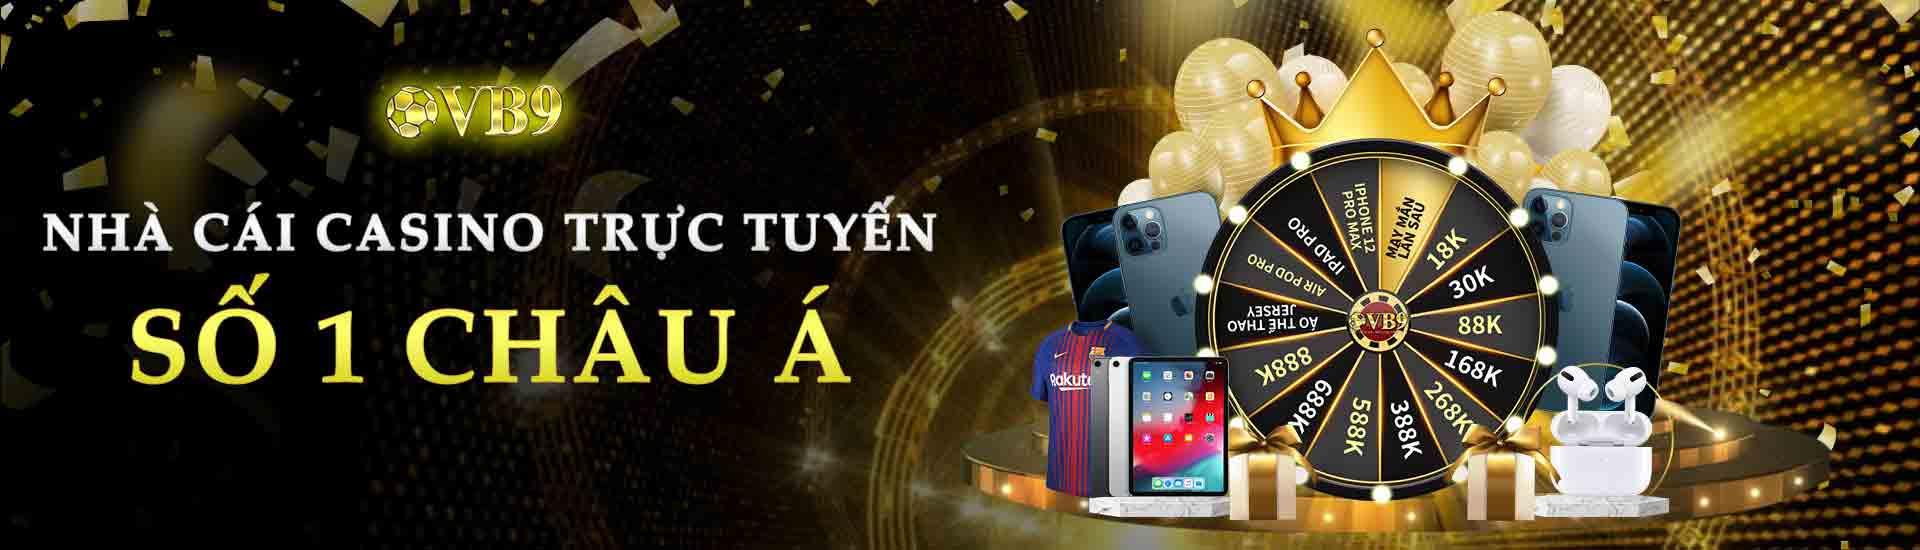 Khám phá casino online uy tín nhất Việt Nam